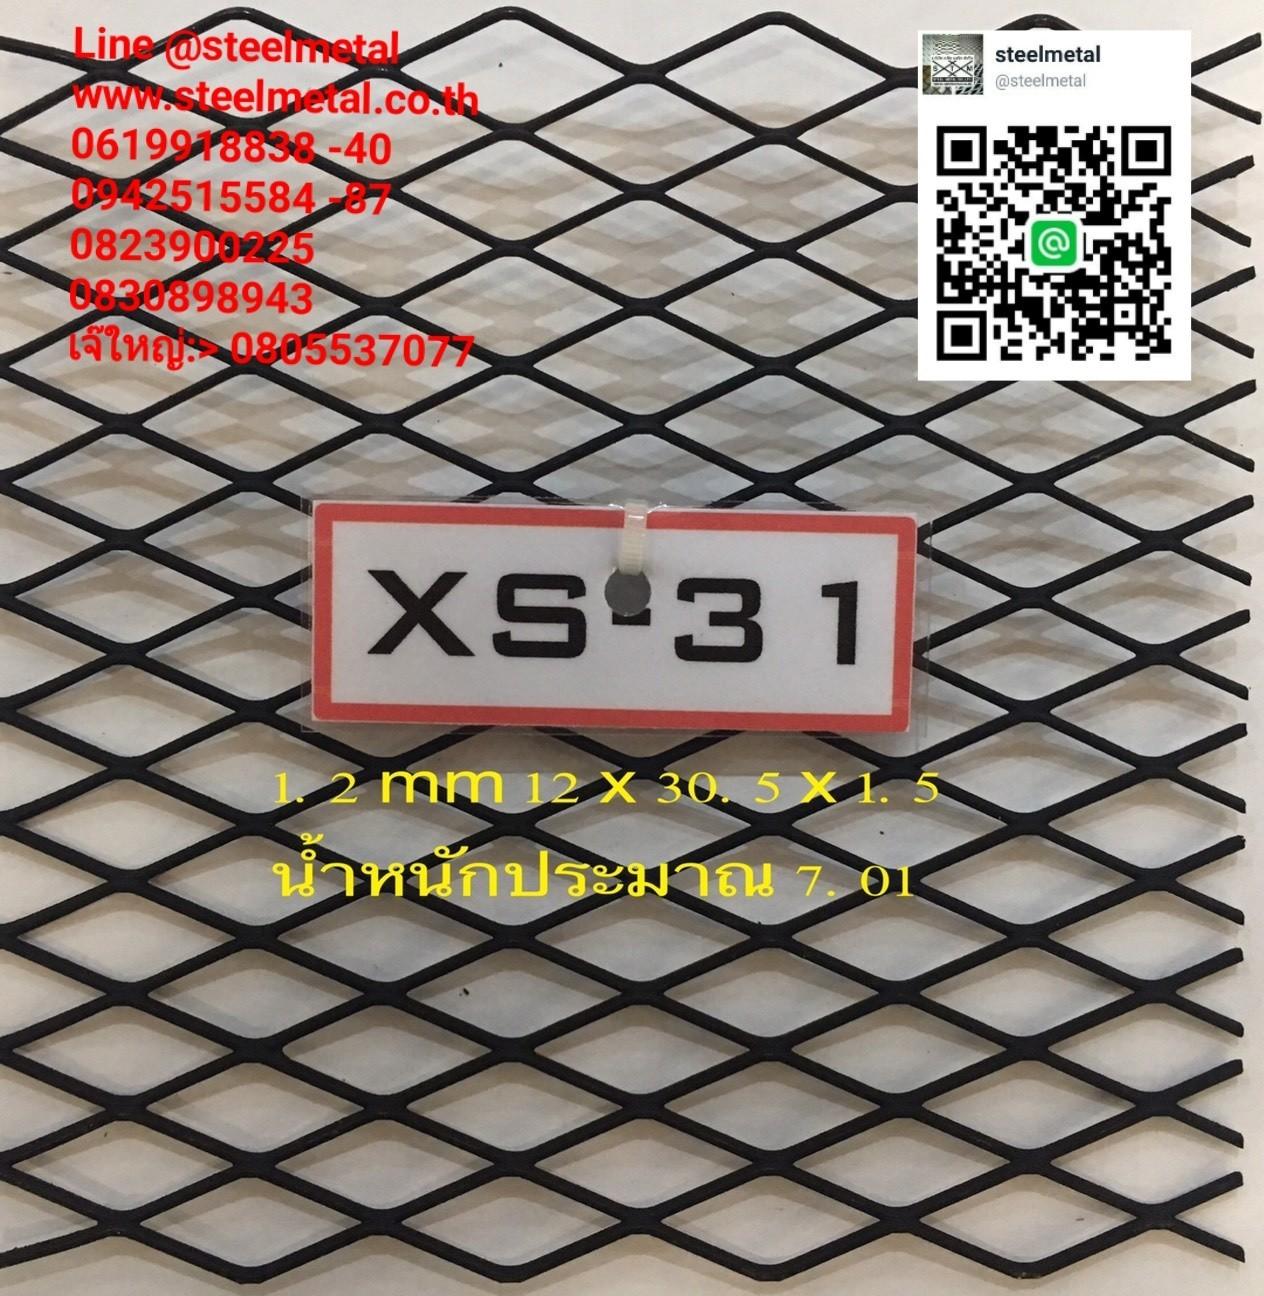 ตะแกรงเหล็กฉีกXS-31